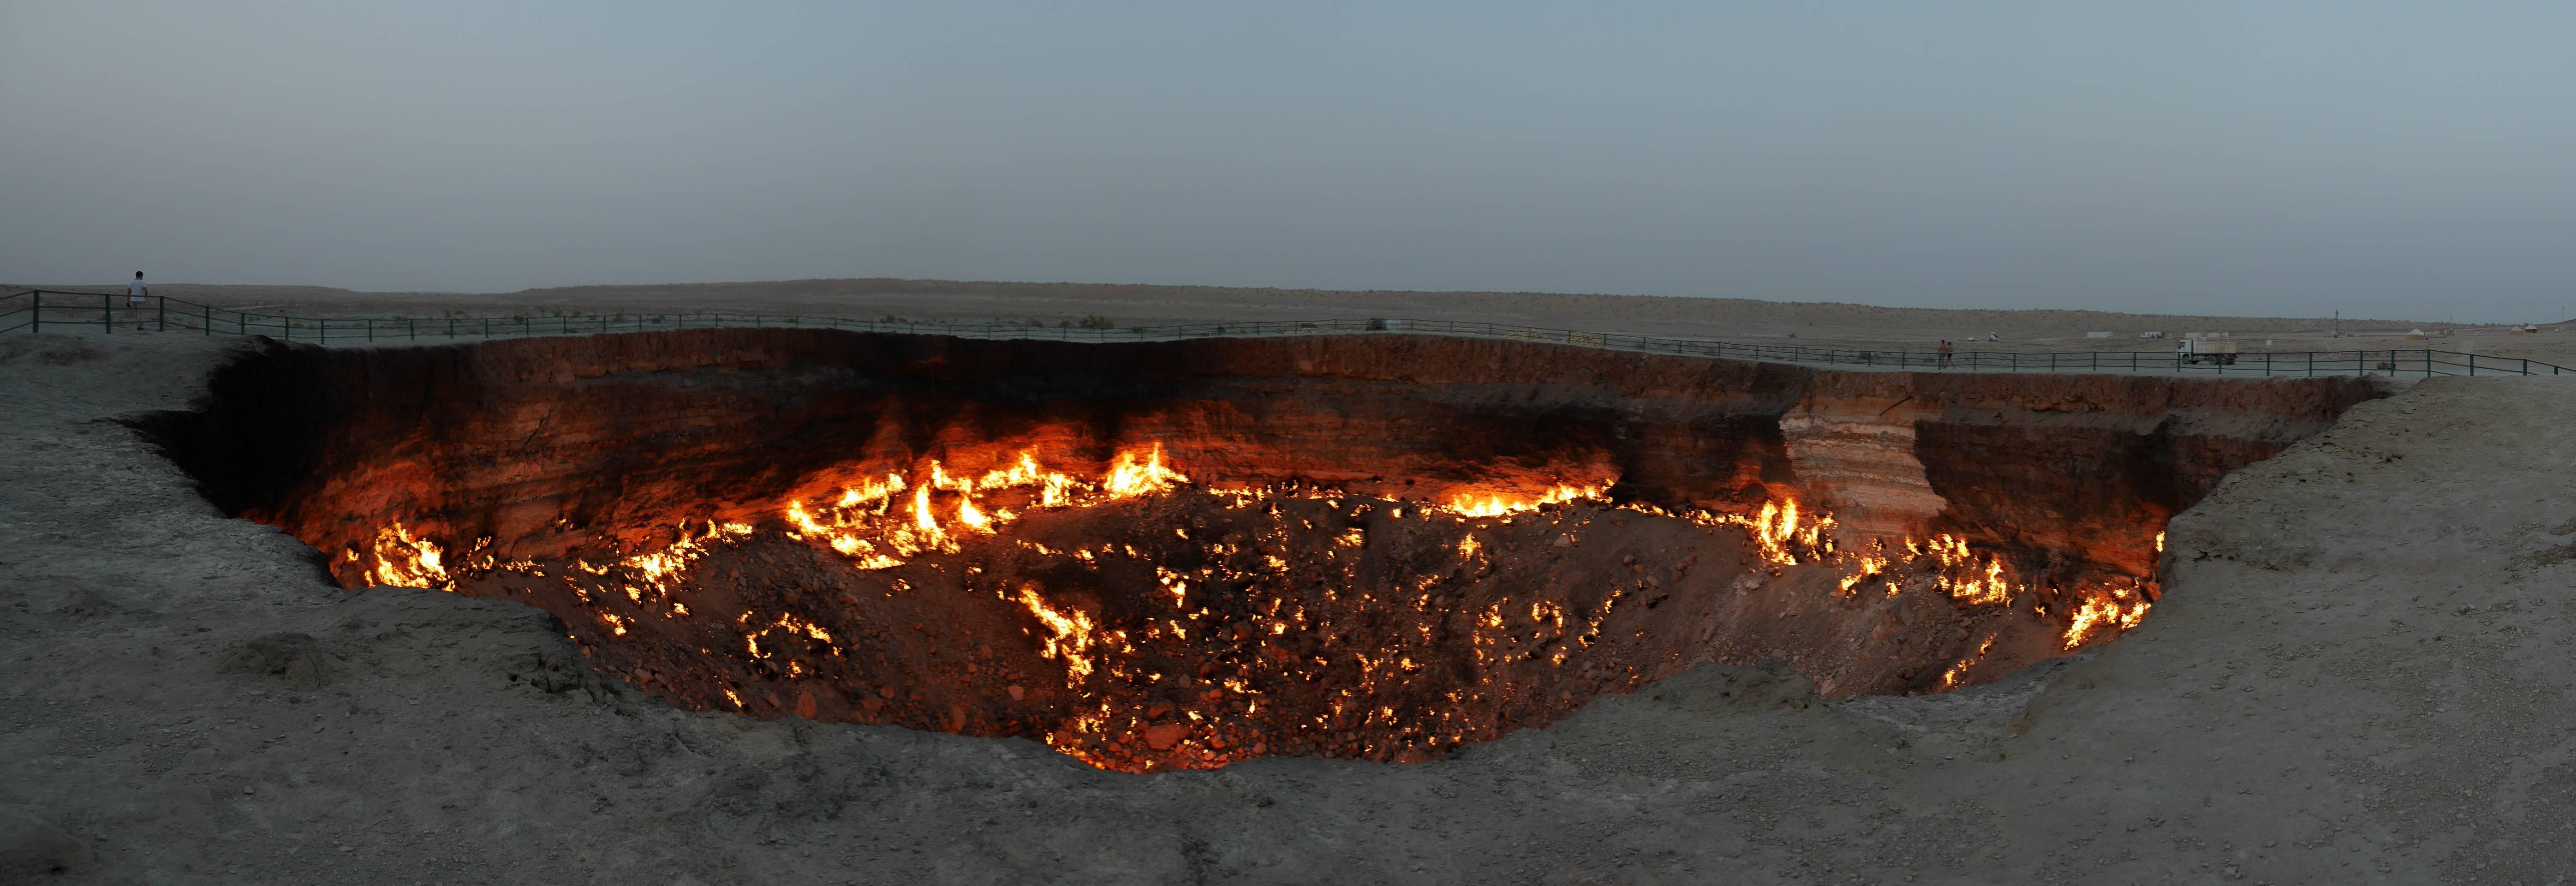 Photo 2: Darvaza - Les portes de l'enfer